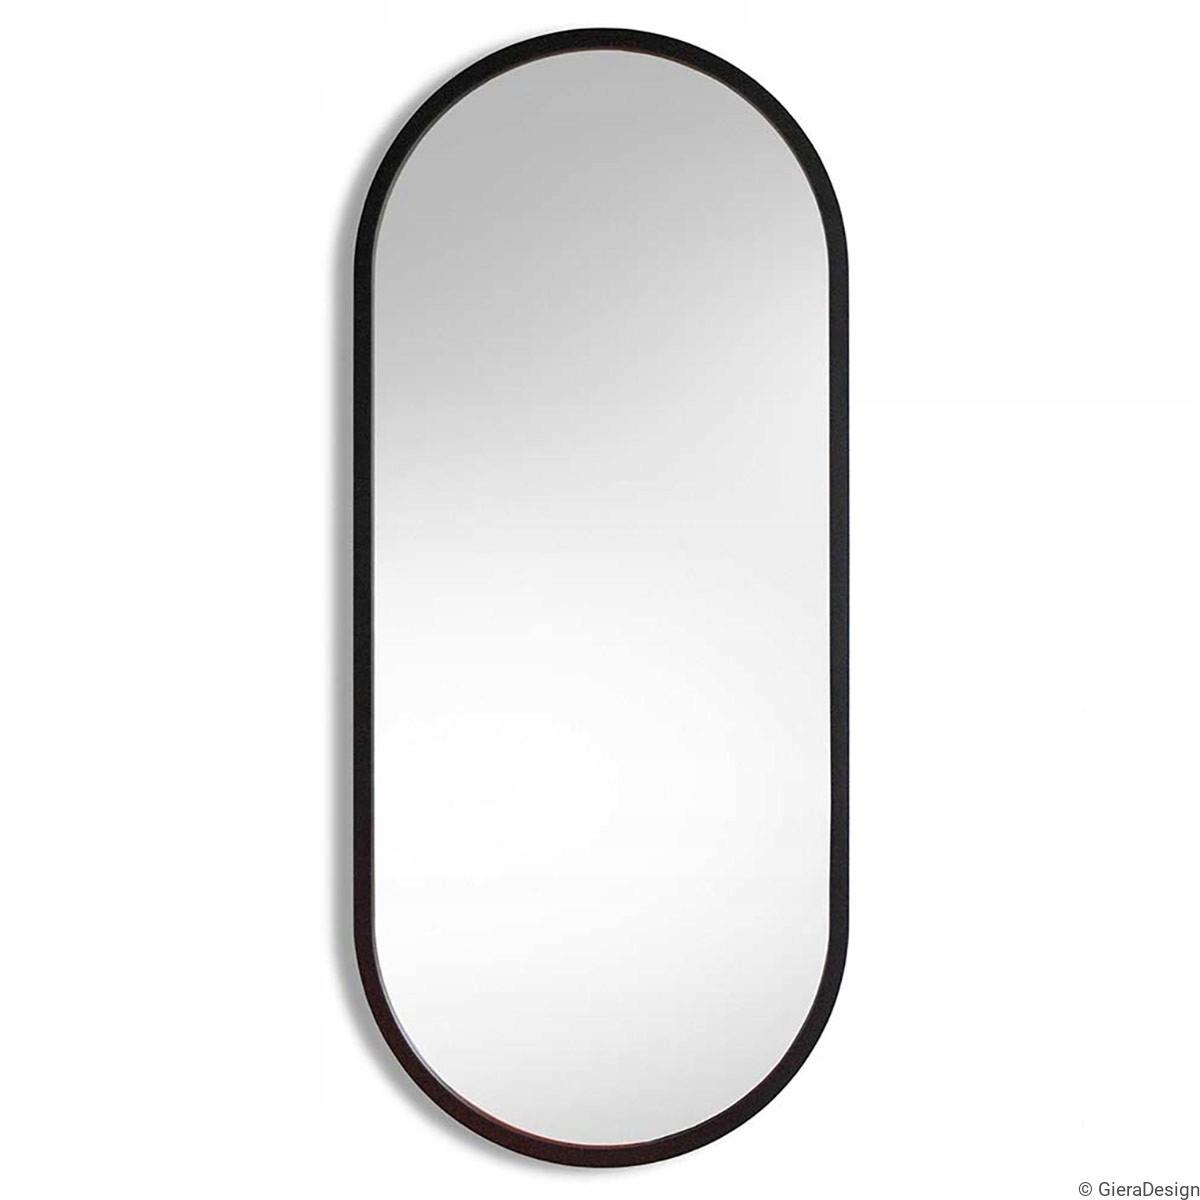 Nowoczesne Lustro W Czarnej Ramie Slim Do Lazienki 8046605716 Oficjalne Archiwum Allegro Home Decor Mirror Table Furniture